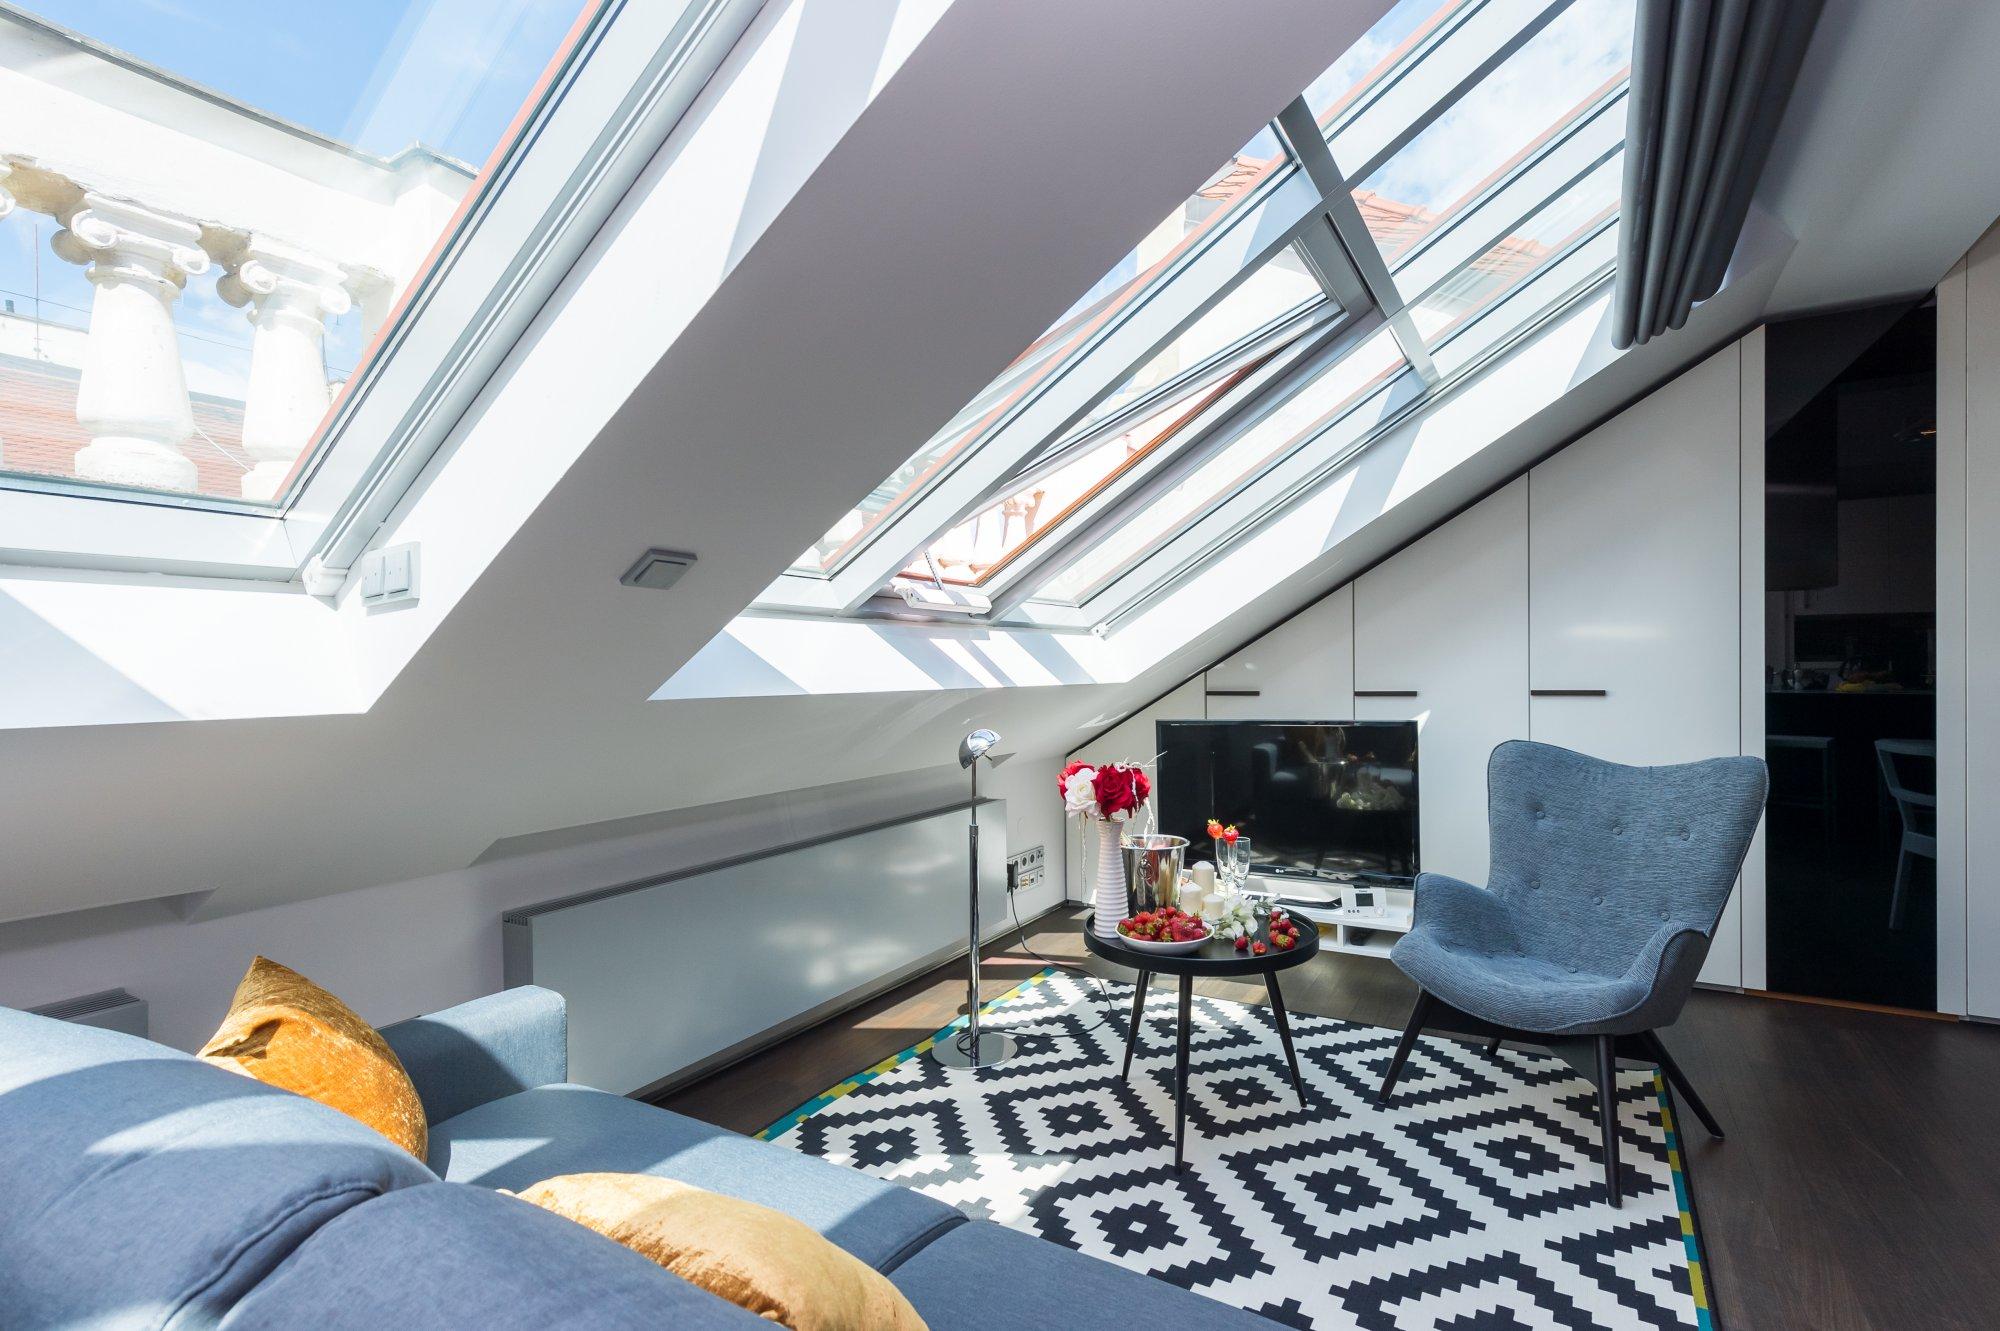 Půdní byt 2+kk, plocha 76 m², ulice Zlatnická, Praha 1 - Nové Město | 3